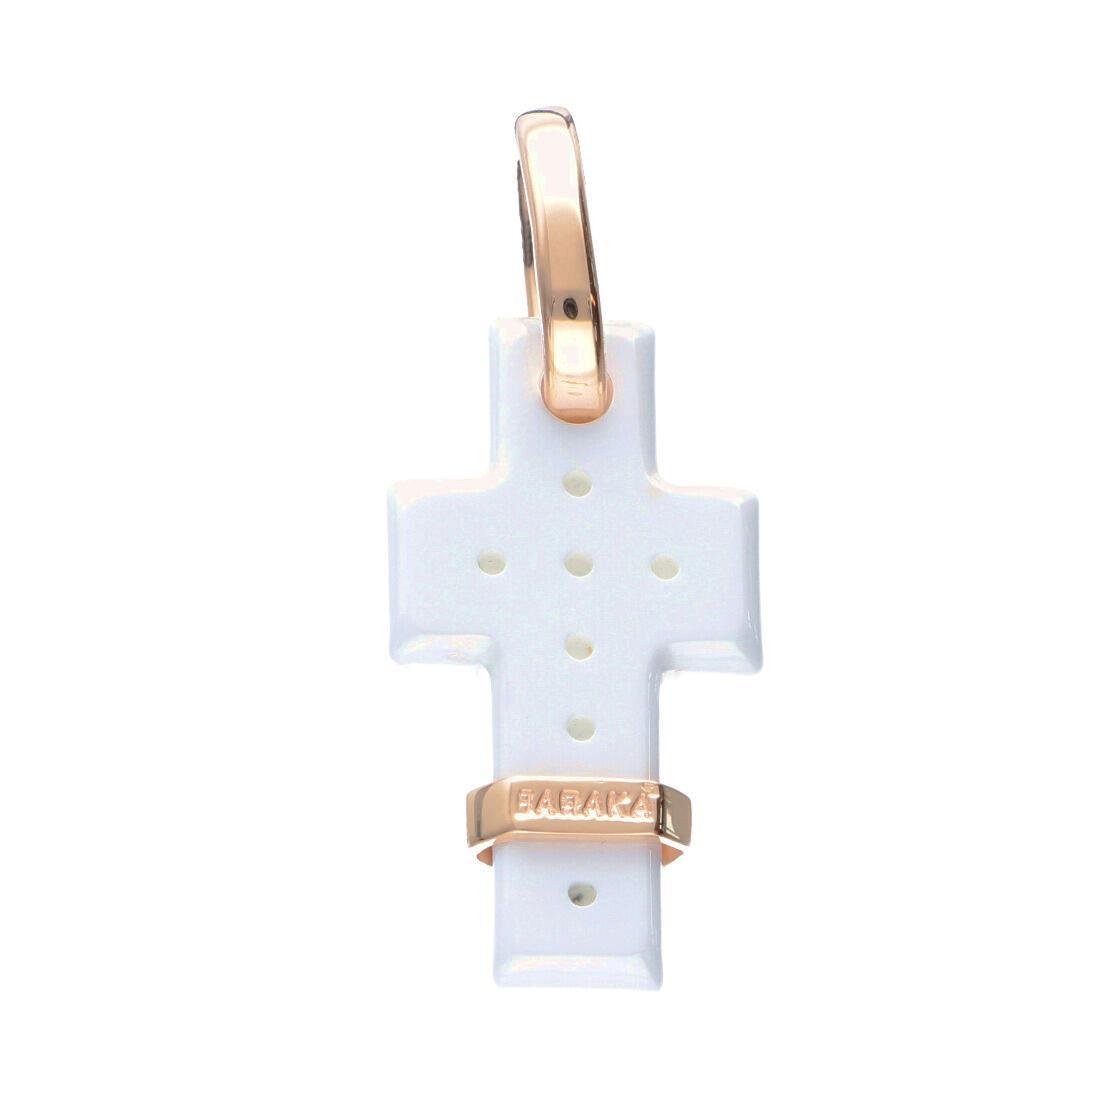 Pendente croce da uomo in oro rosa e ceramica - BARAKA